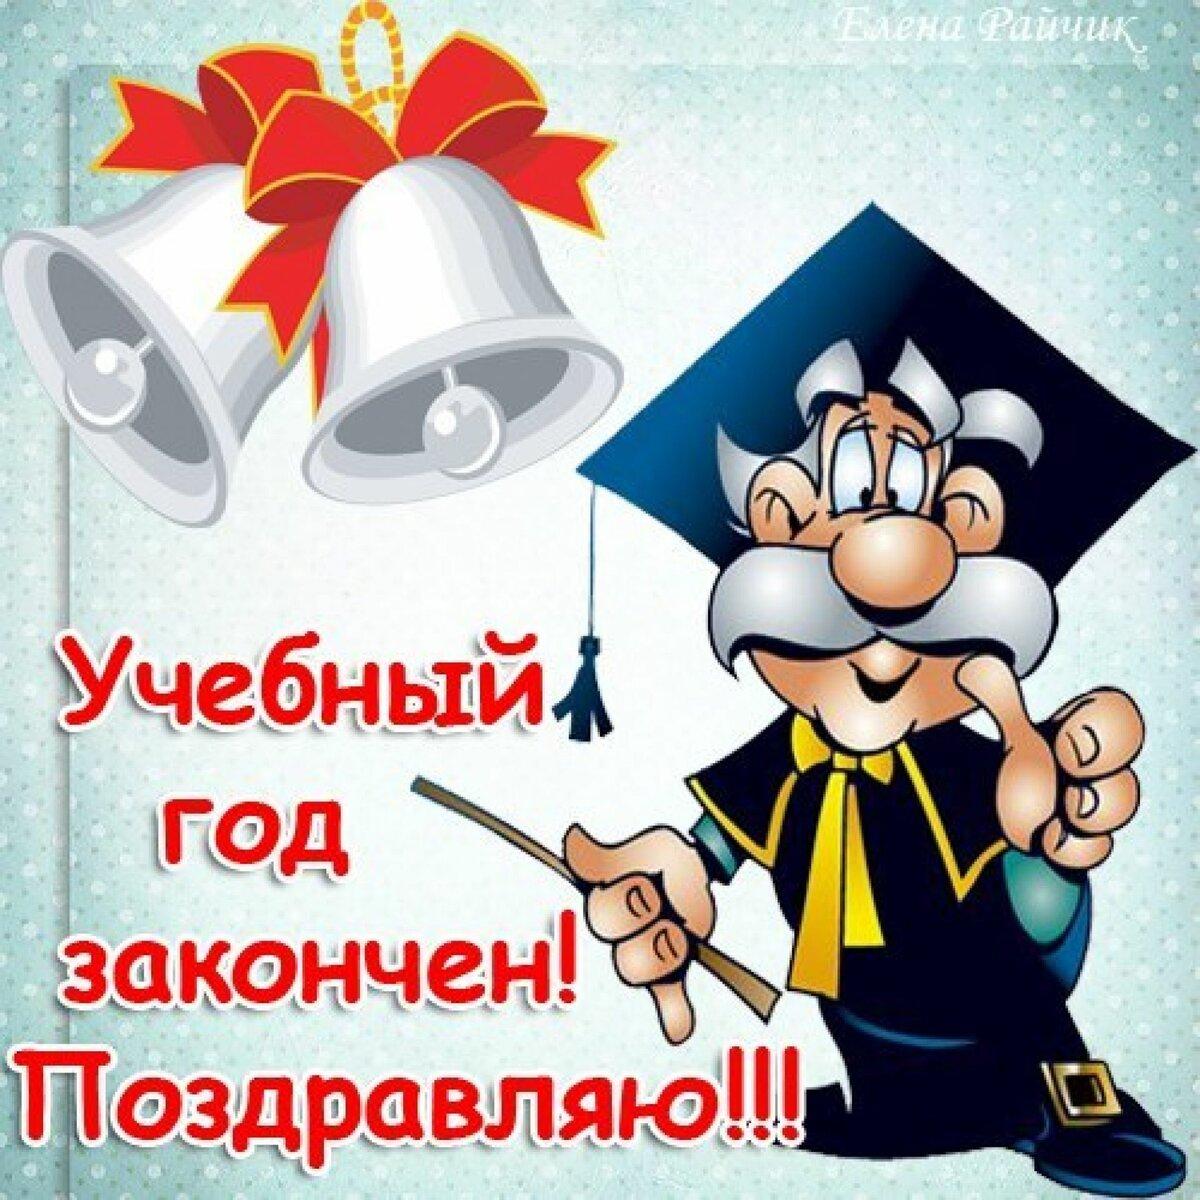 Надпись убью, поздравление учителя с окончанием учебного года картинка